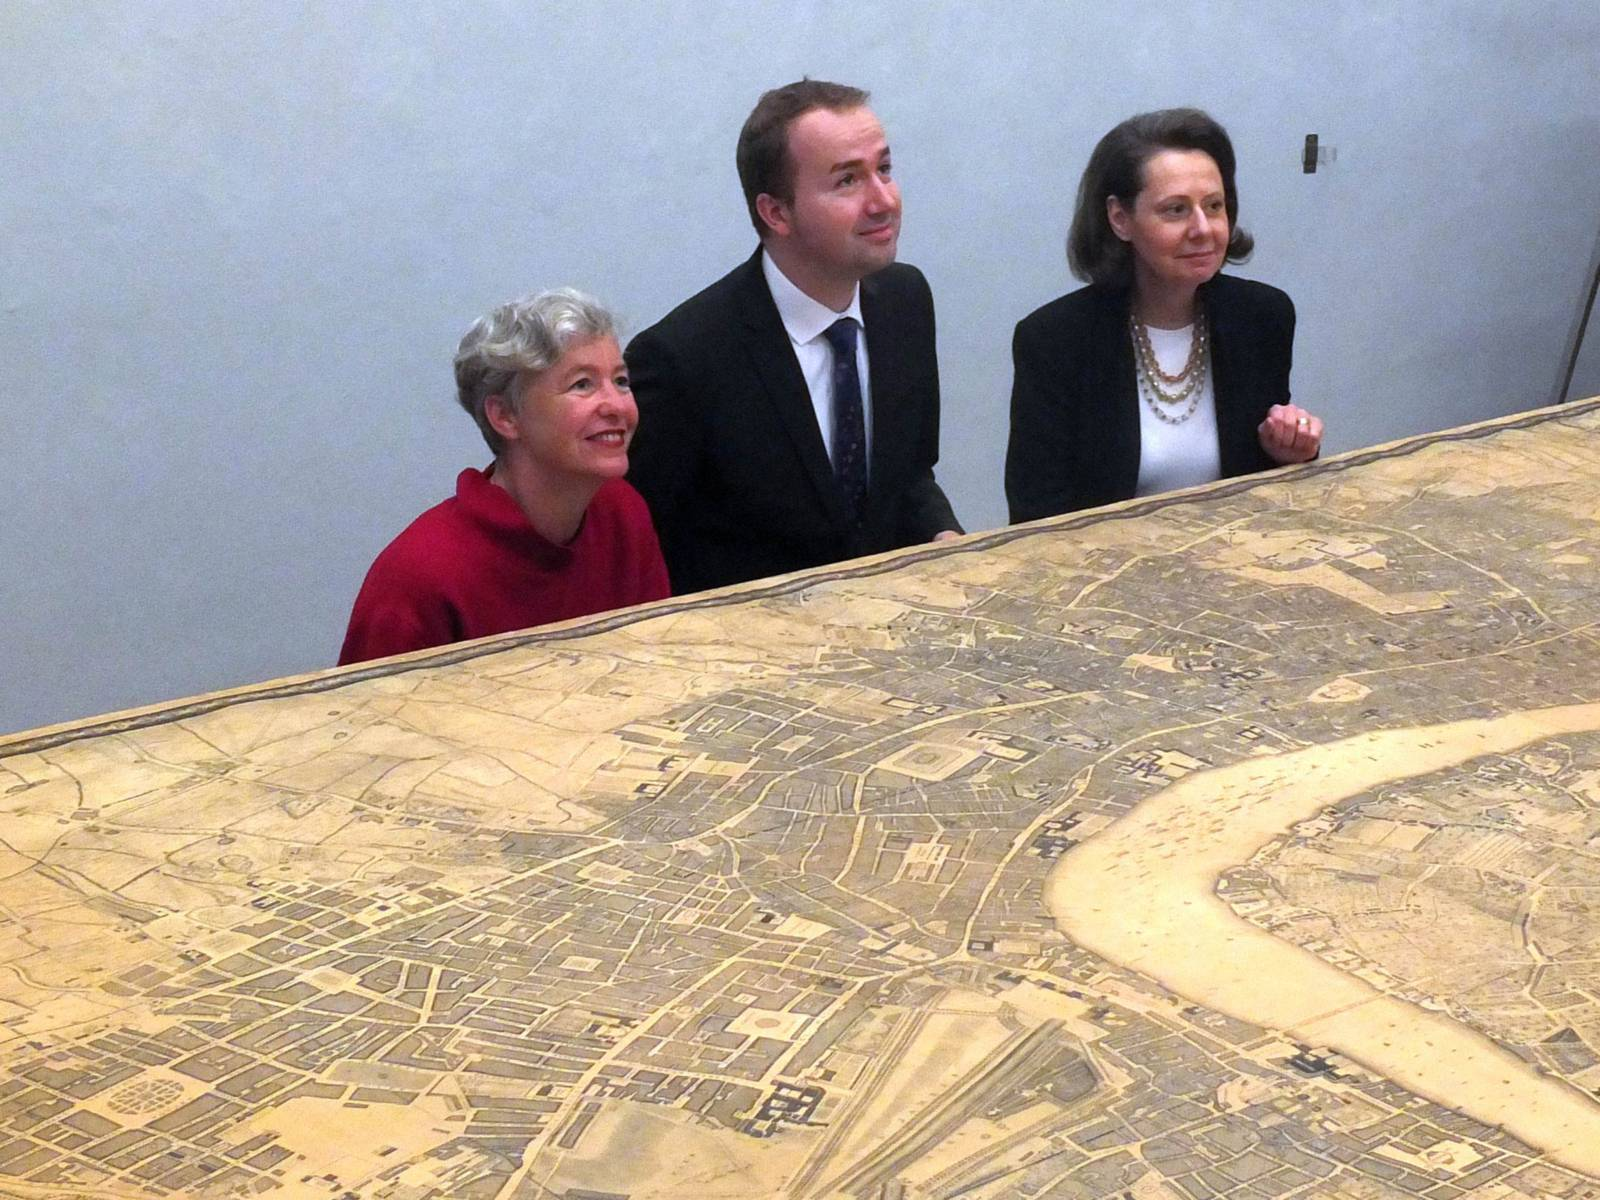 Ein Mann und eine Frau hinter einem 4 Meter breiten historischen Stadtplan von London.